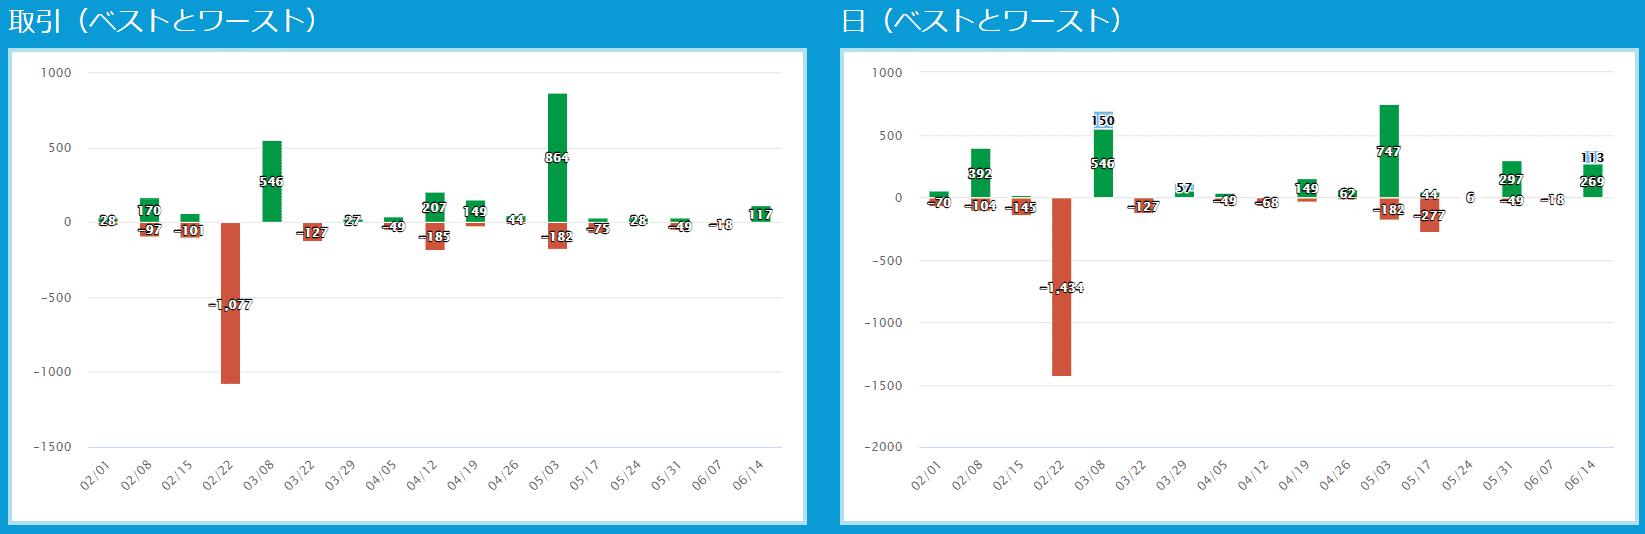 プロップトレーダーチャートIshi3